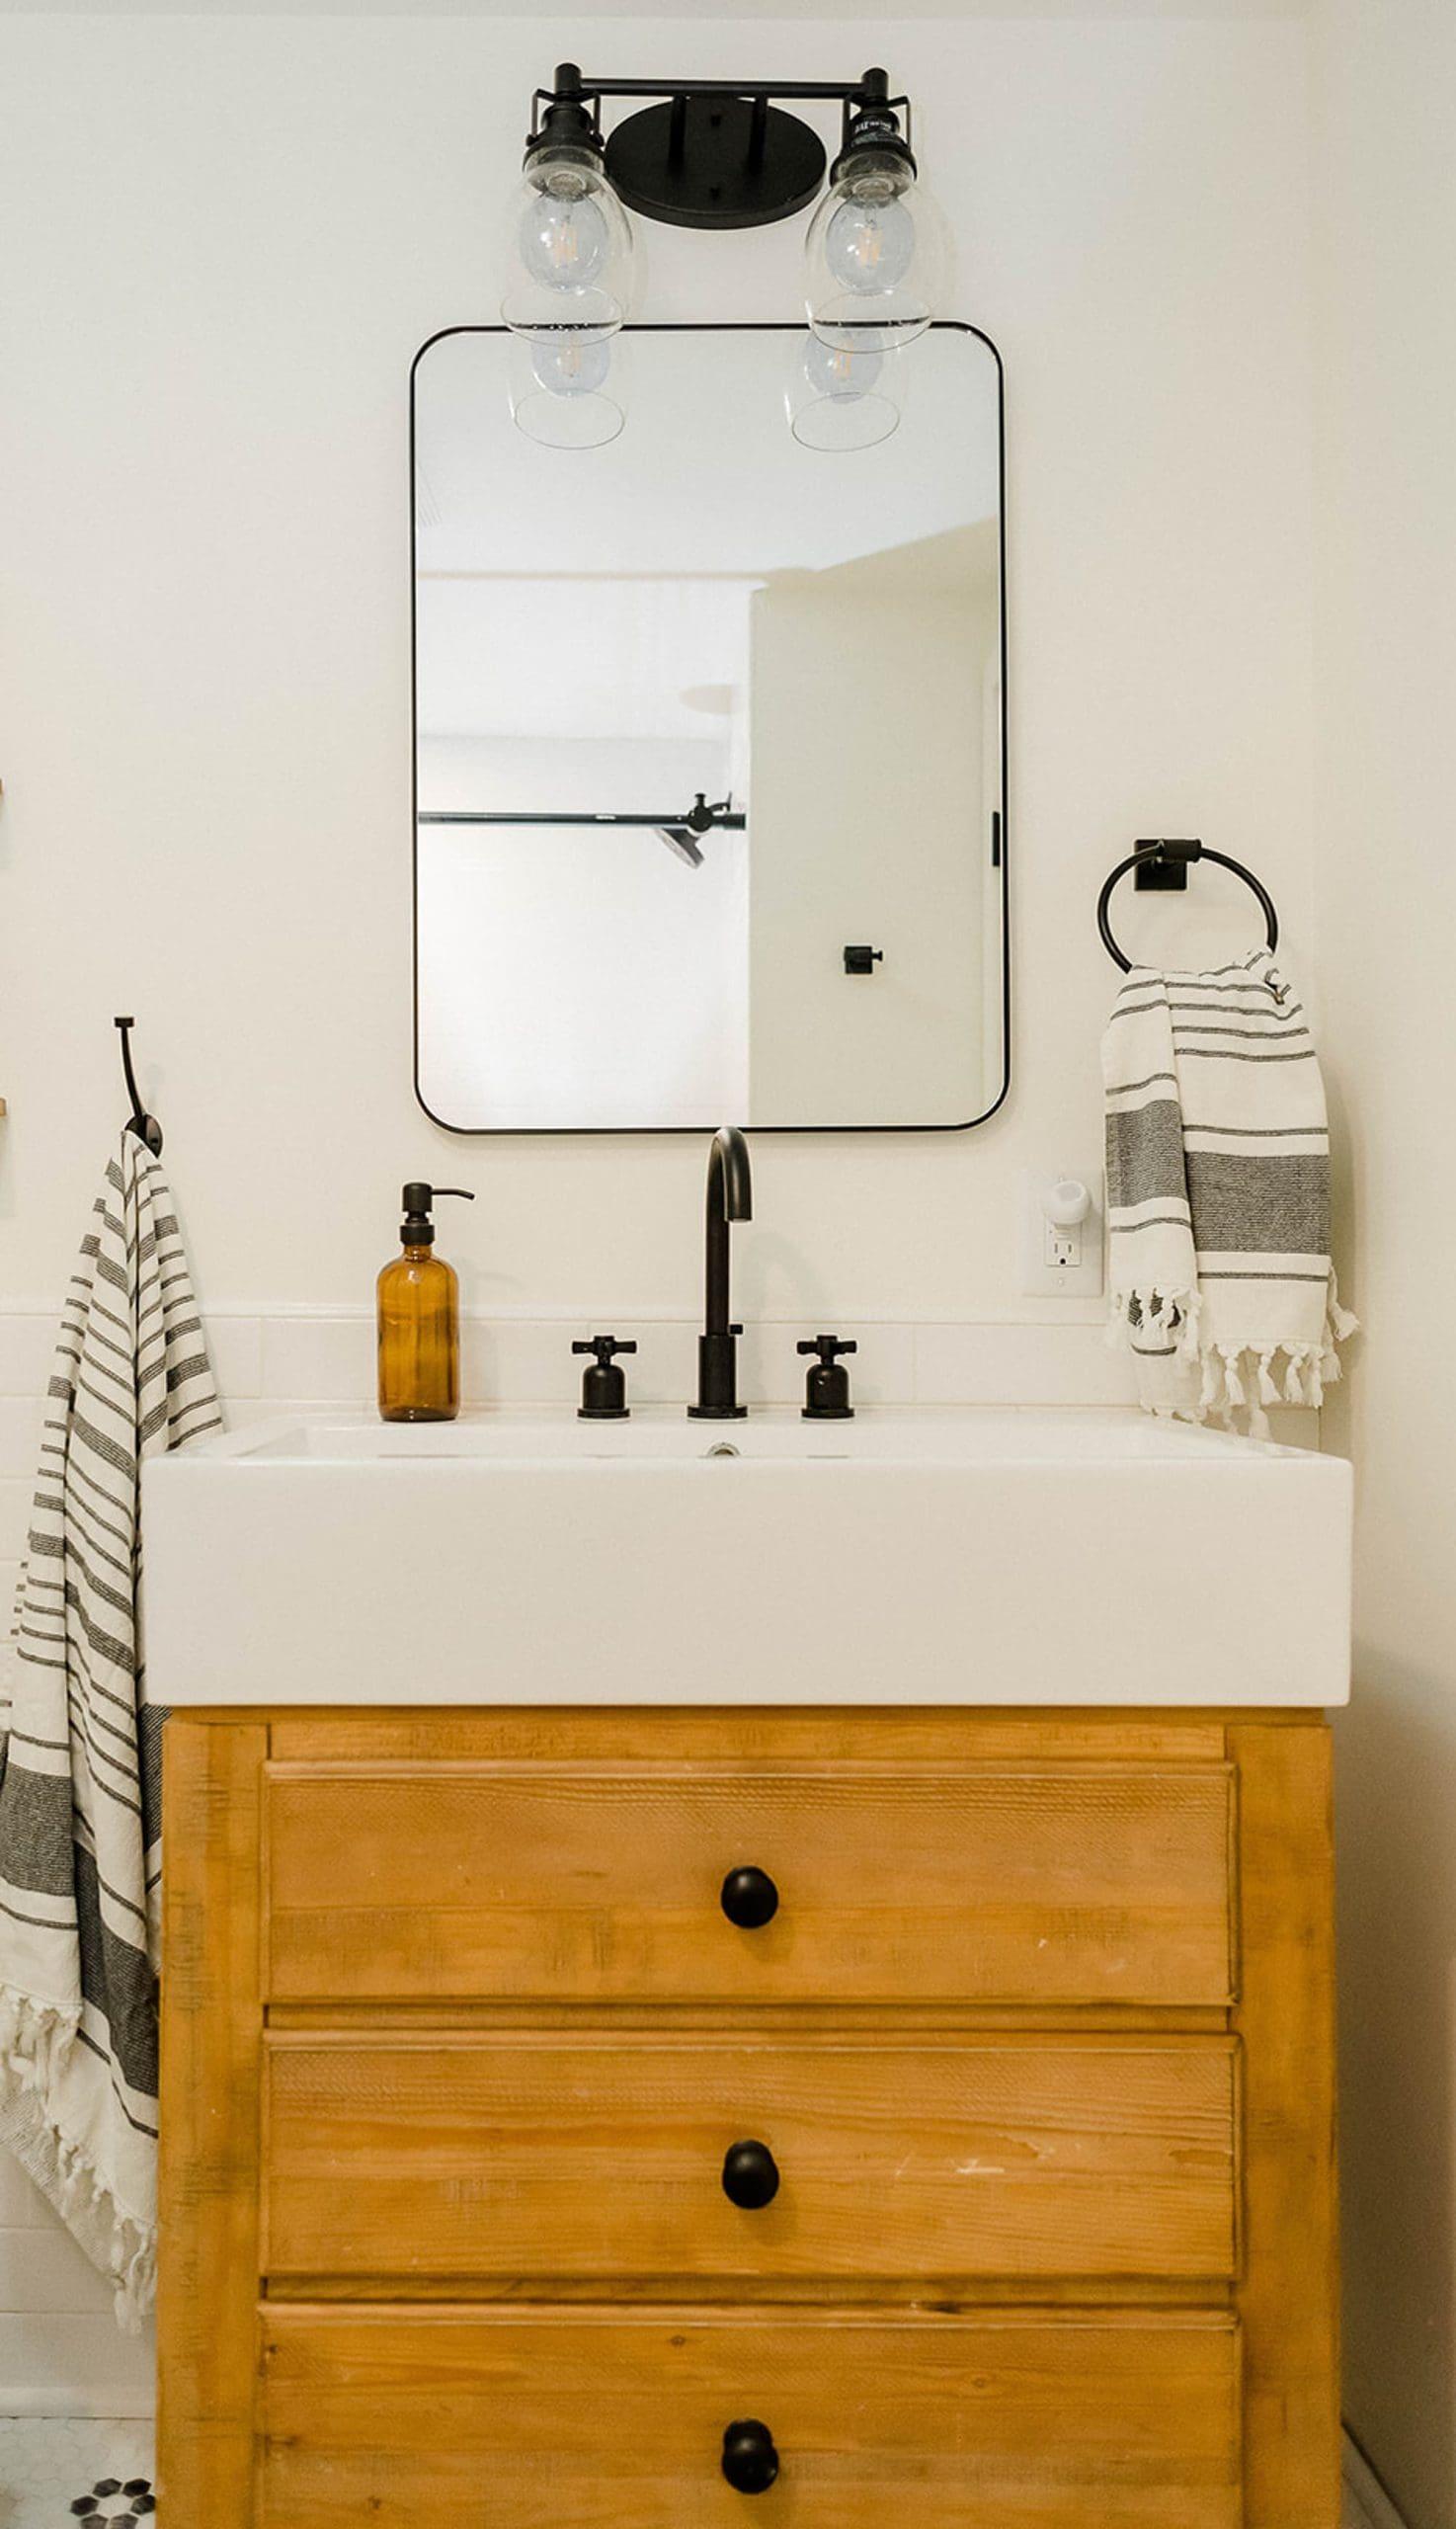 Rustic wood vanity